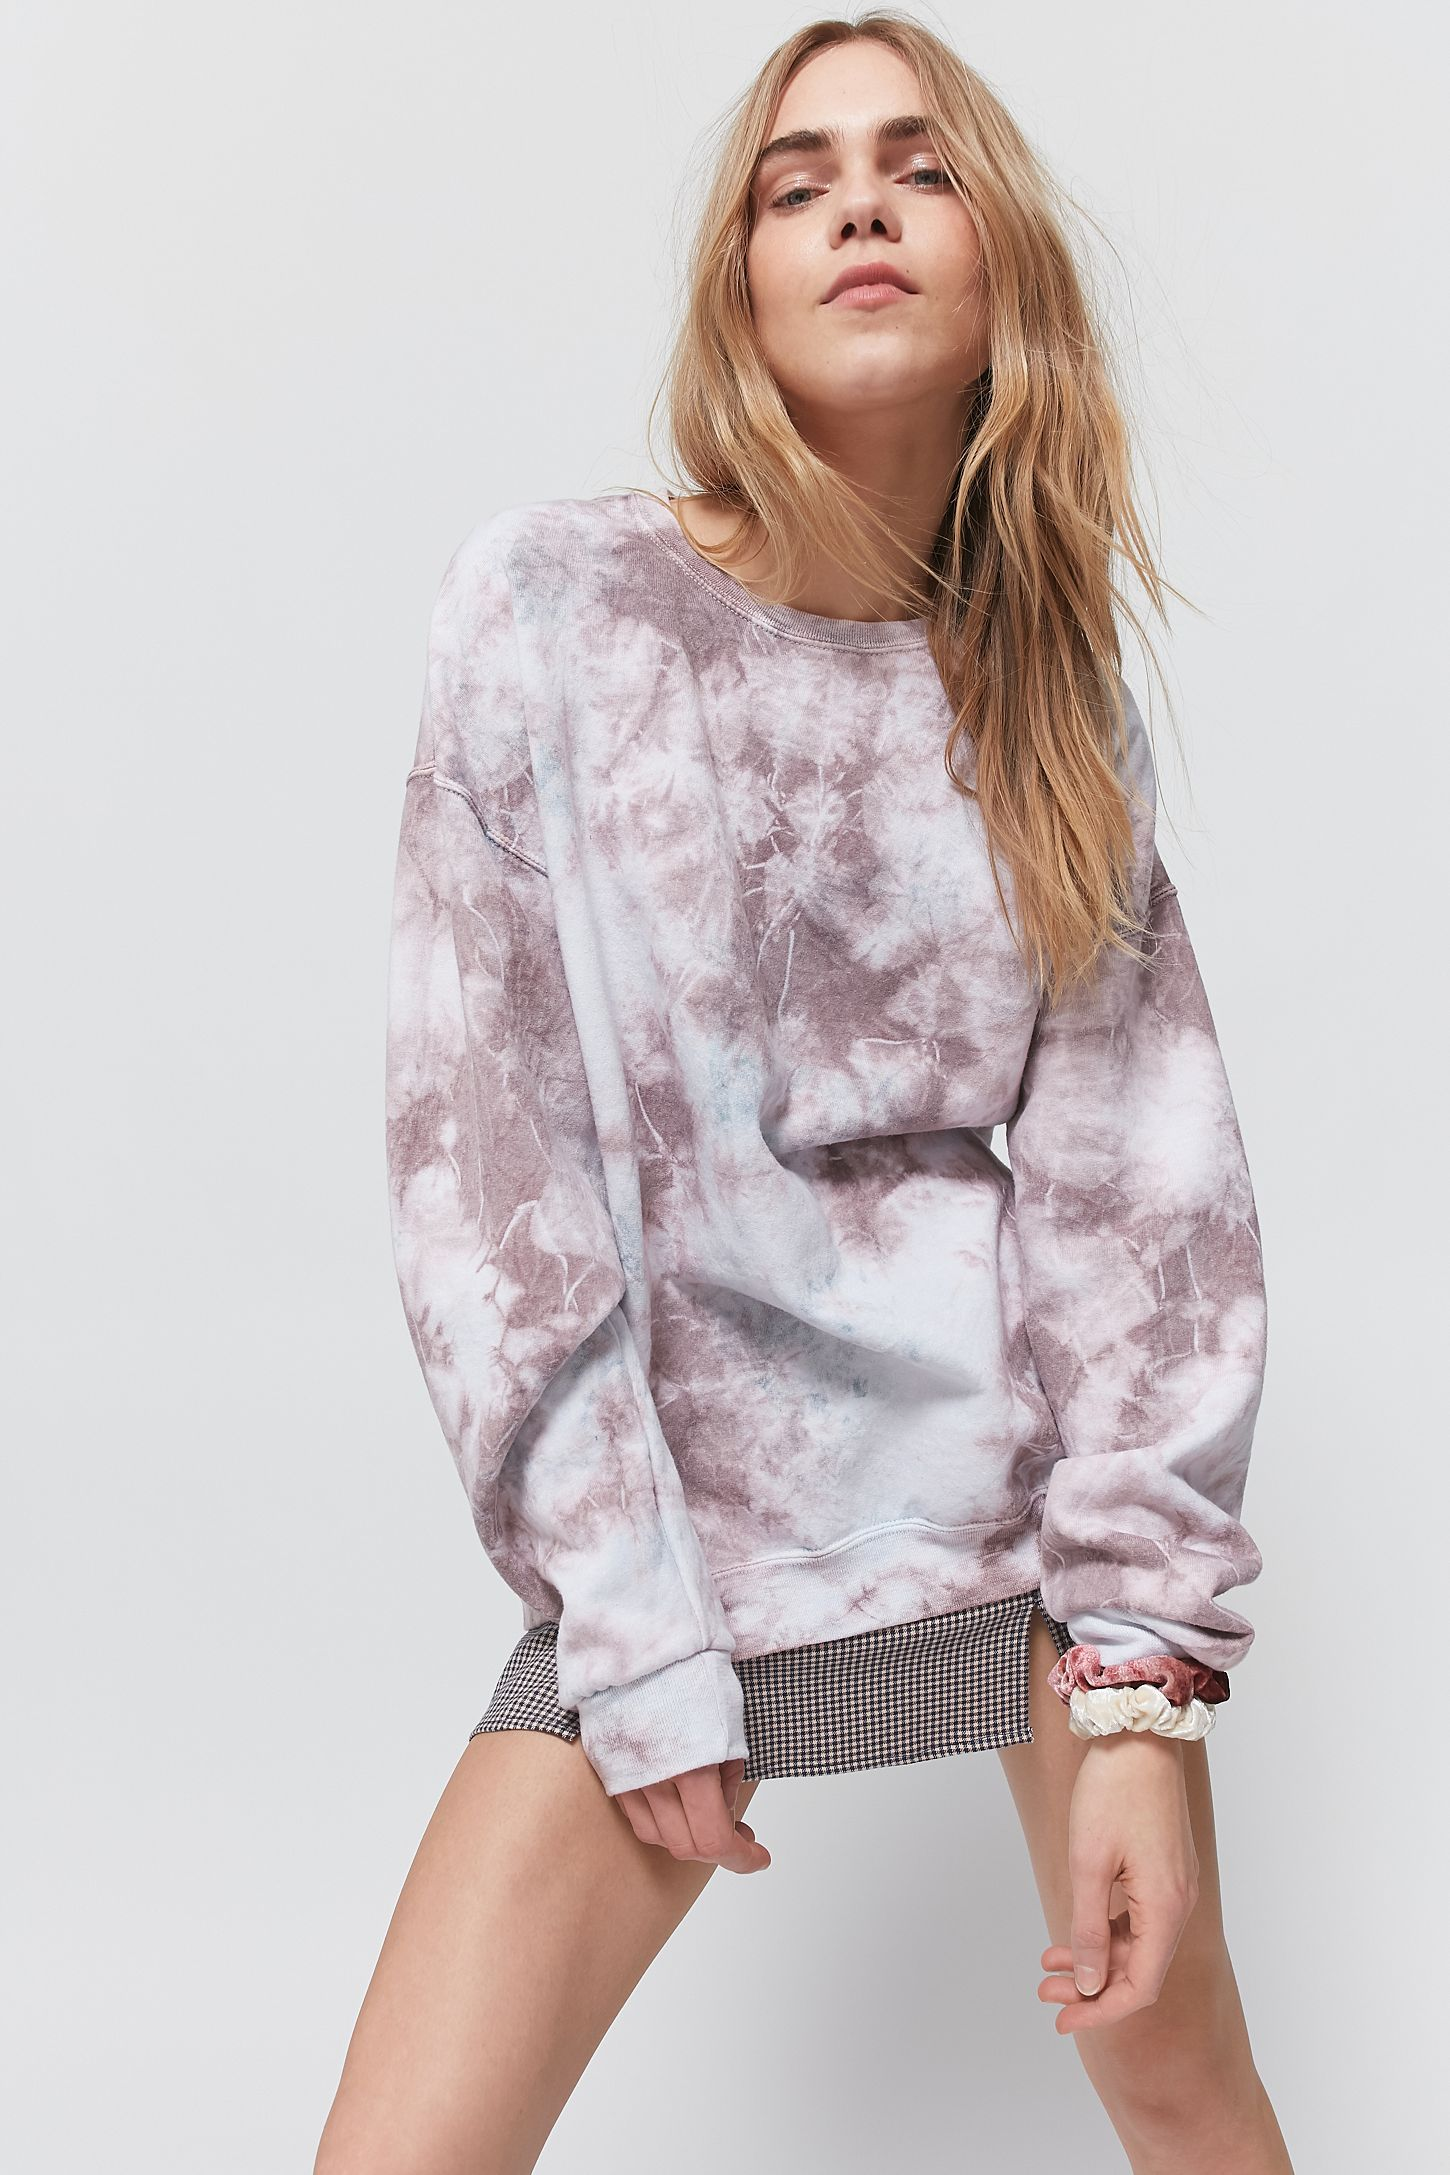 Urban Renewal Vintage Recycled Tie Dye Crew Neck Sweatshirt In